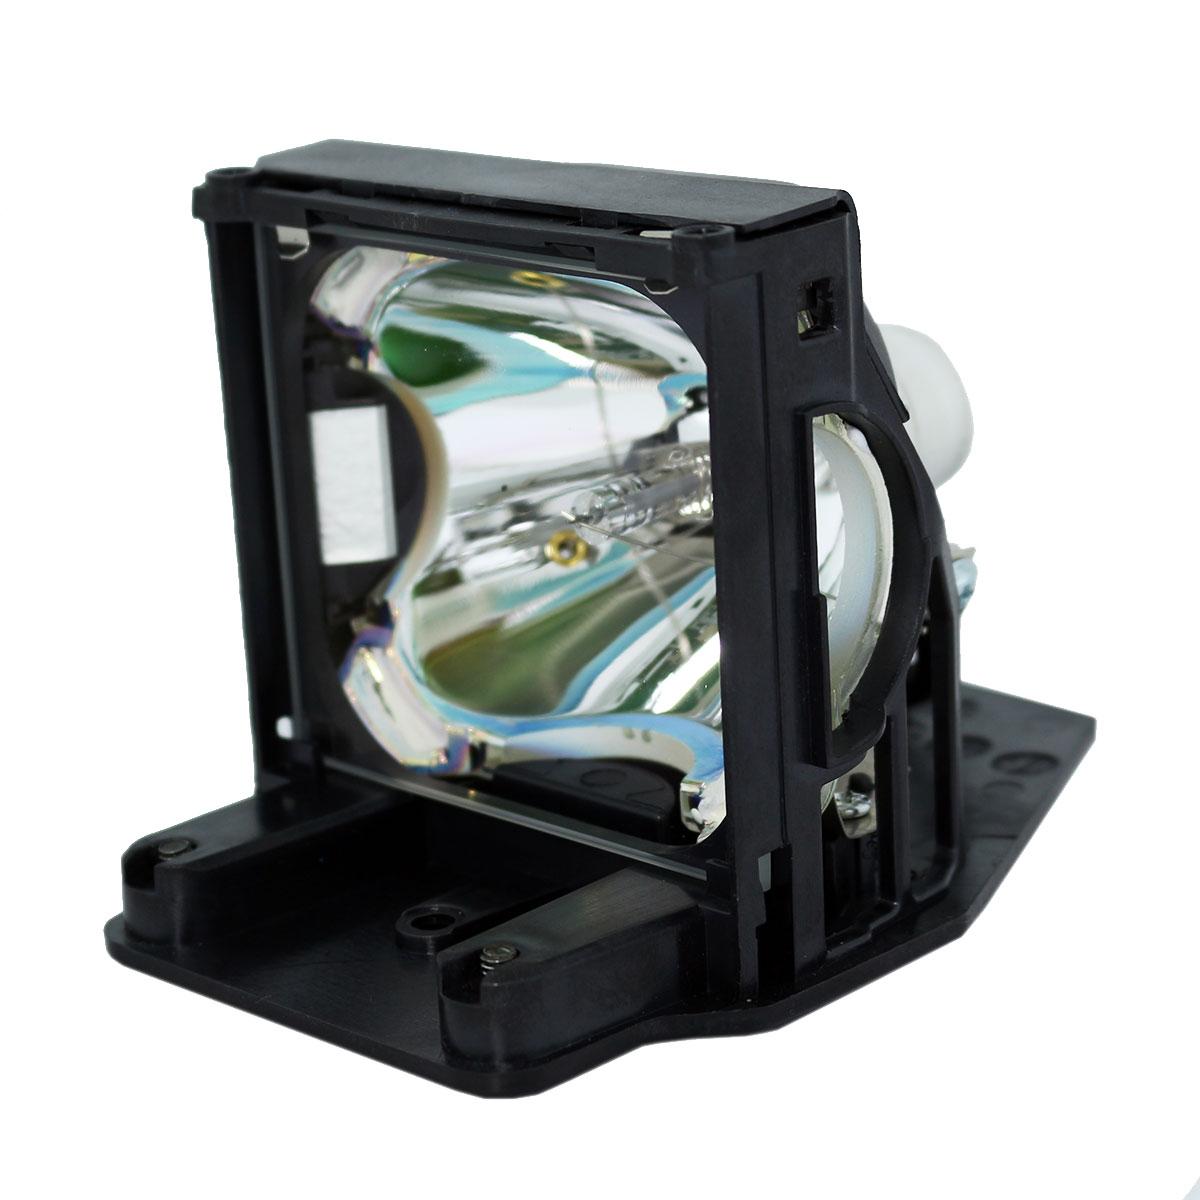 Lamp Housing For Triumph-Adler SP-LAMP012 / SPLAMP012 Projector DLP LCD Bulb